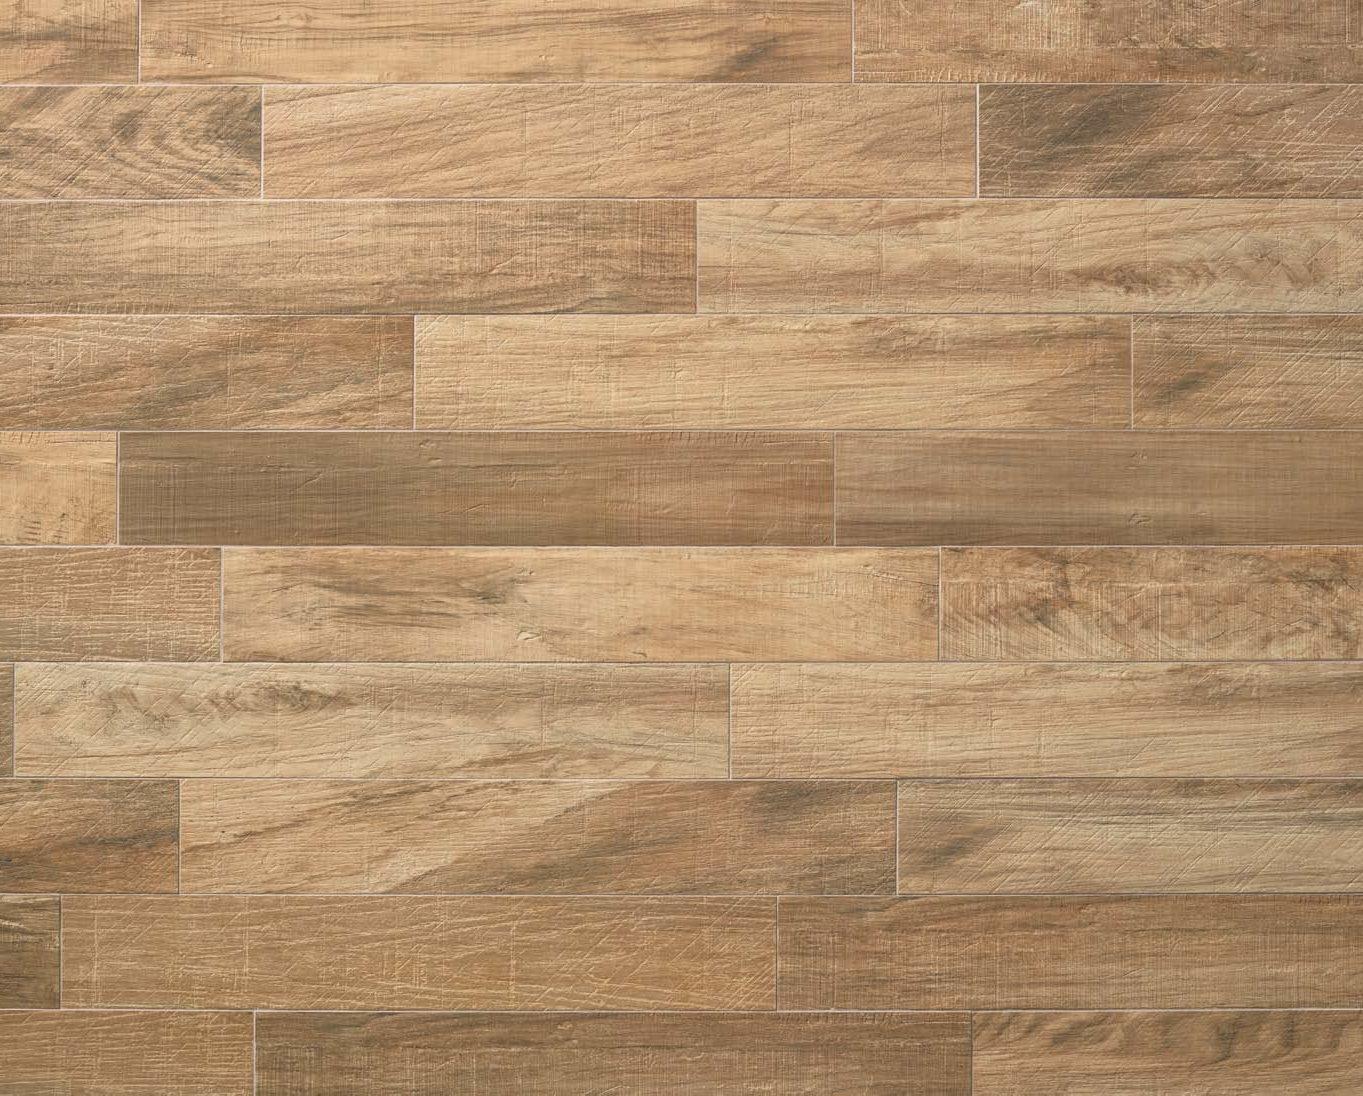 Keramisch parket rovere houtstructuur tegel groothandel loetino